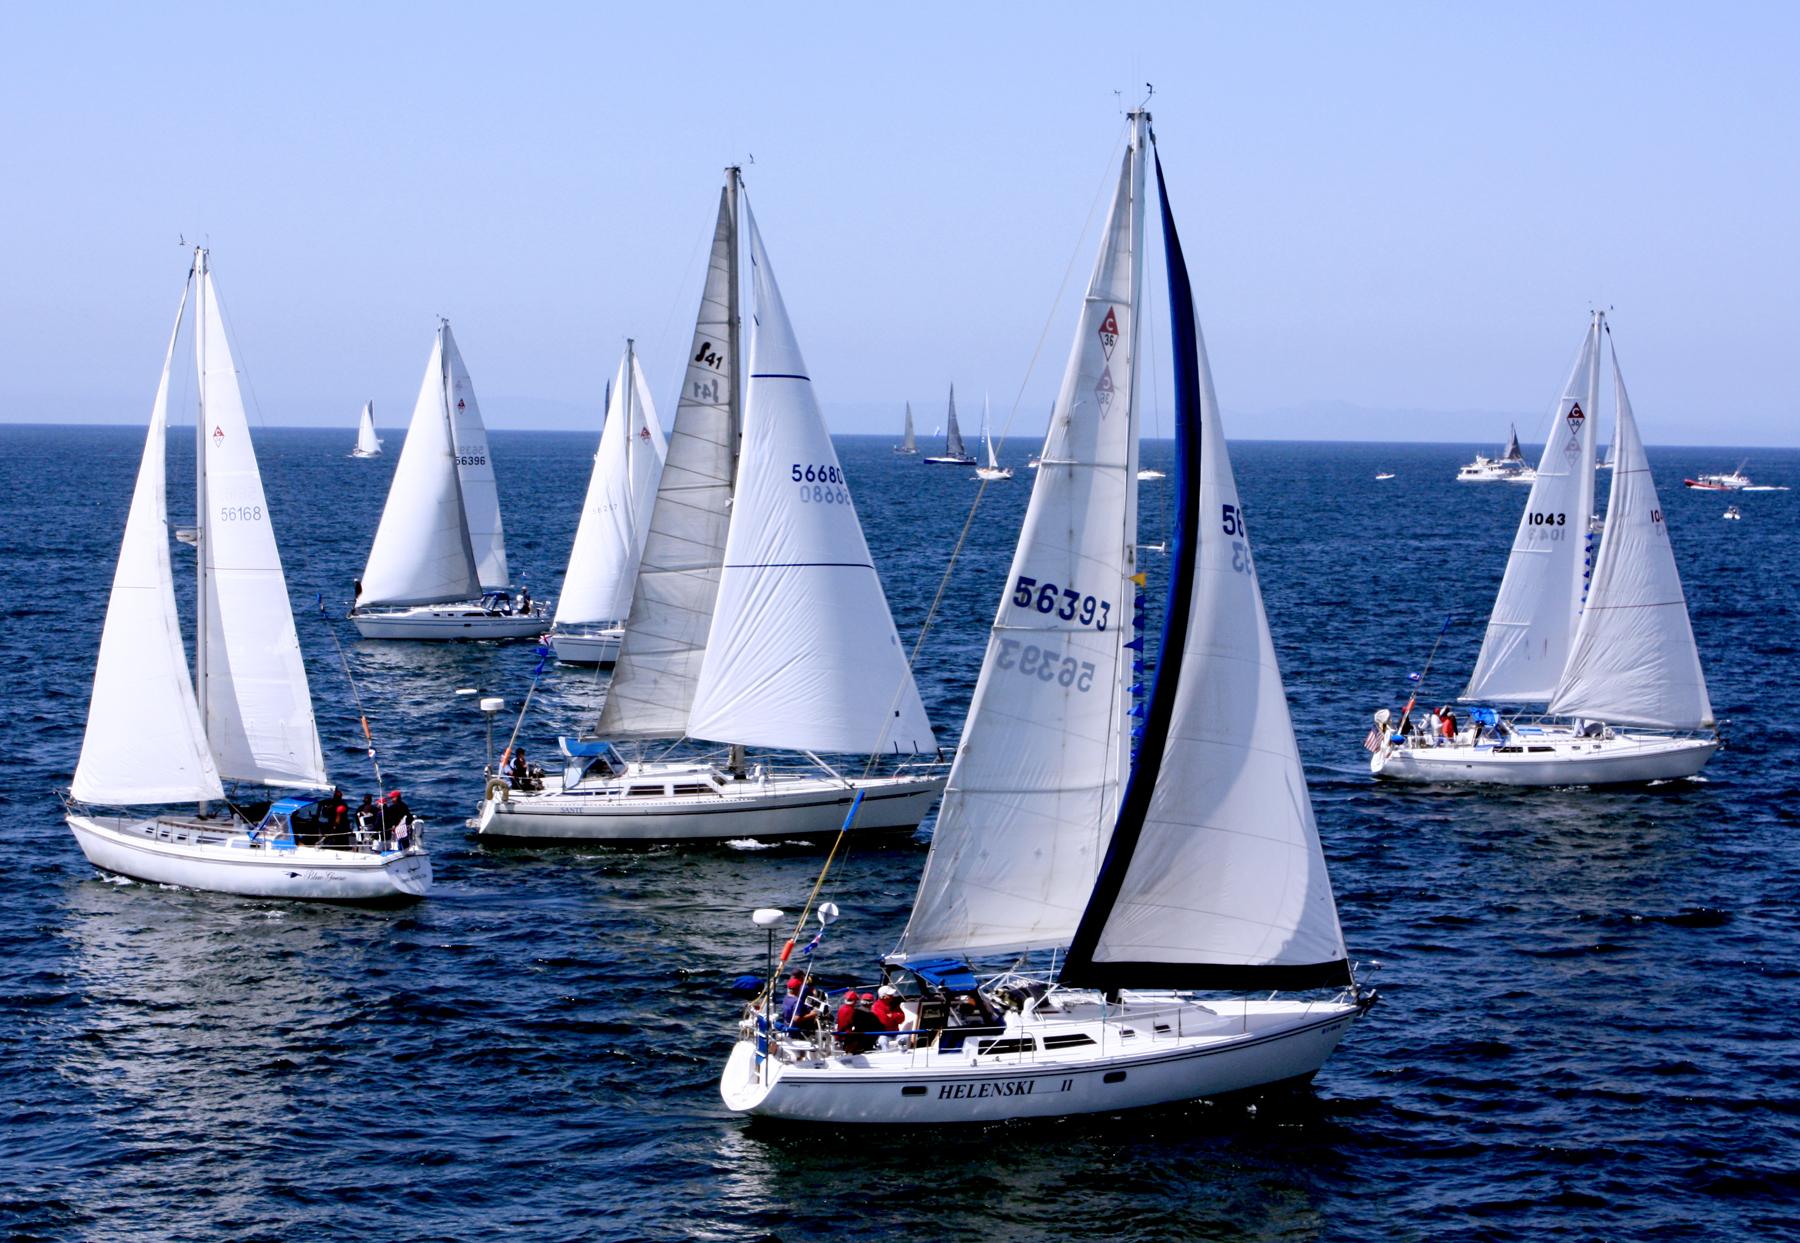 Newport Beach Local News To Ensenada Race Ready Sail